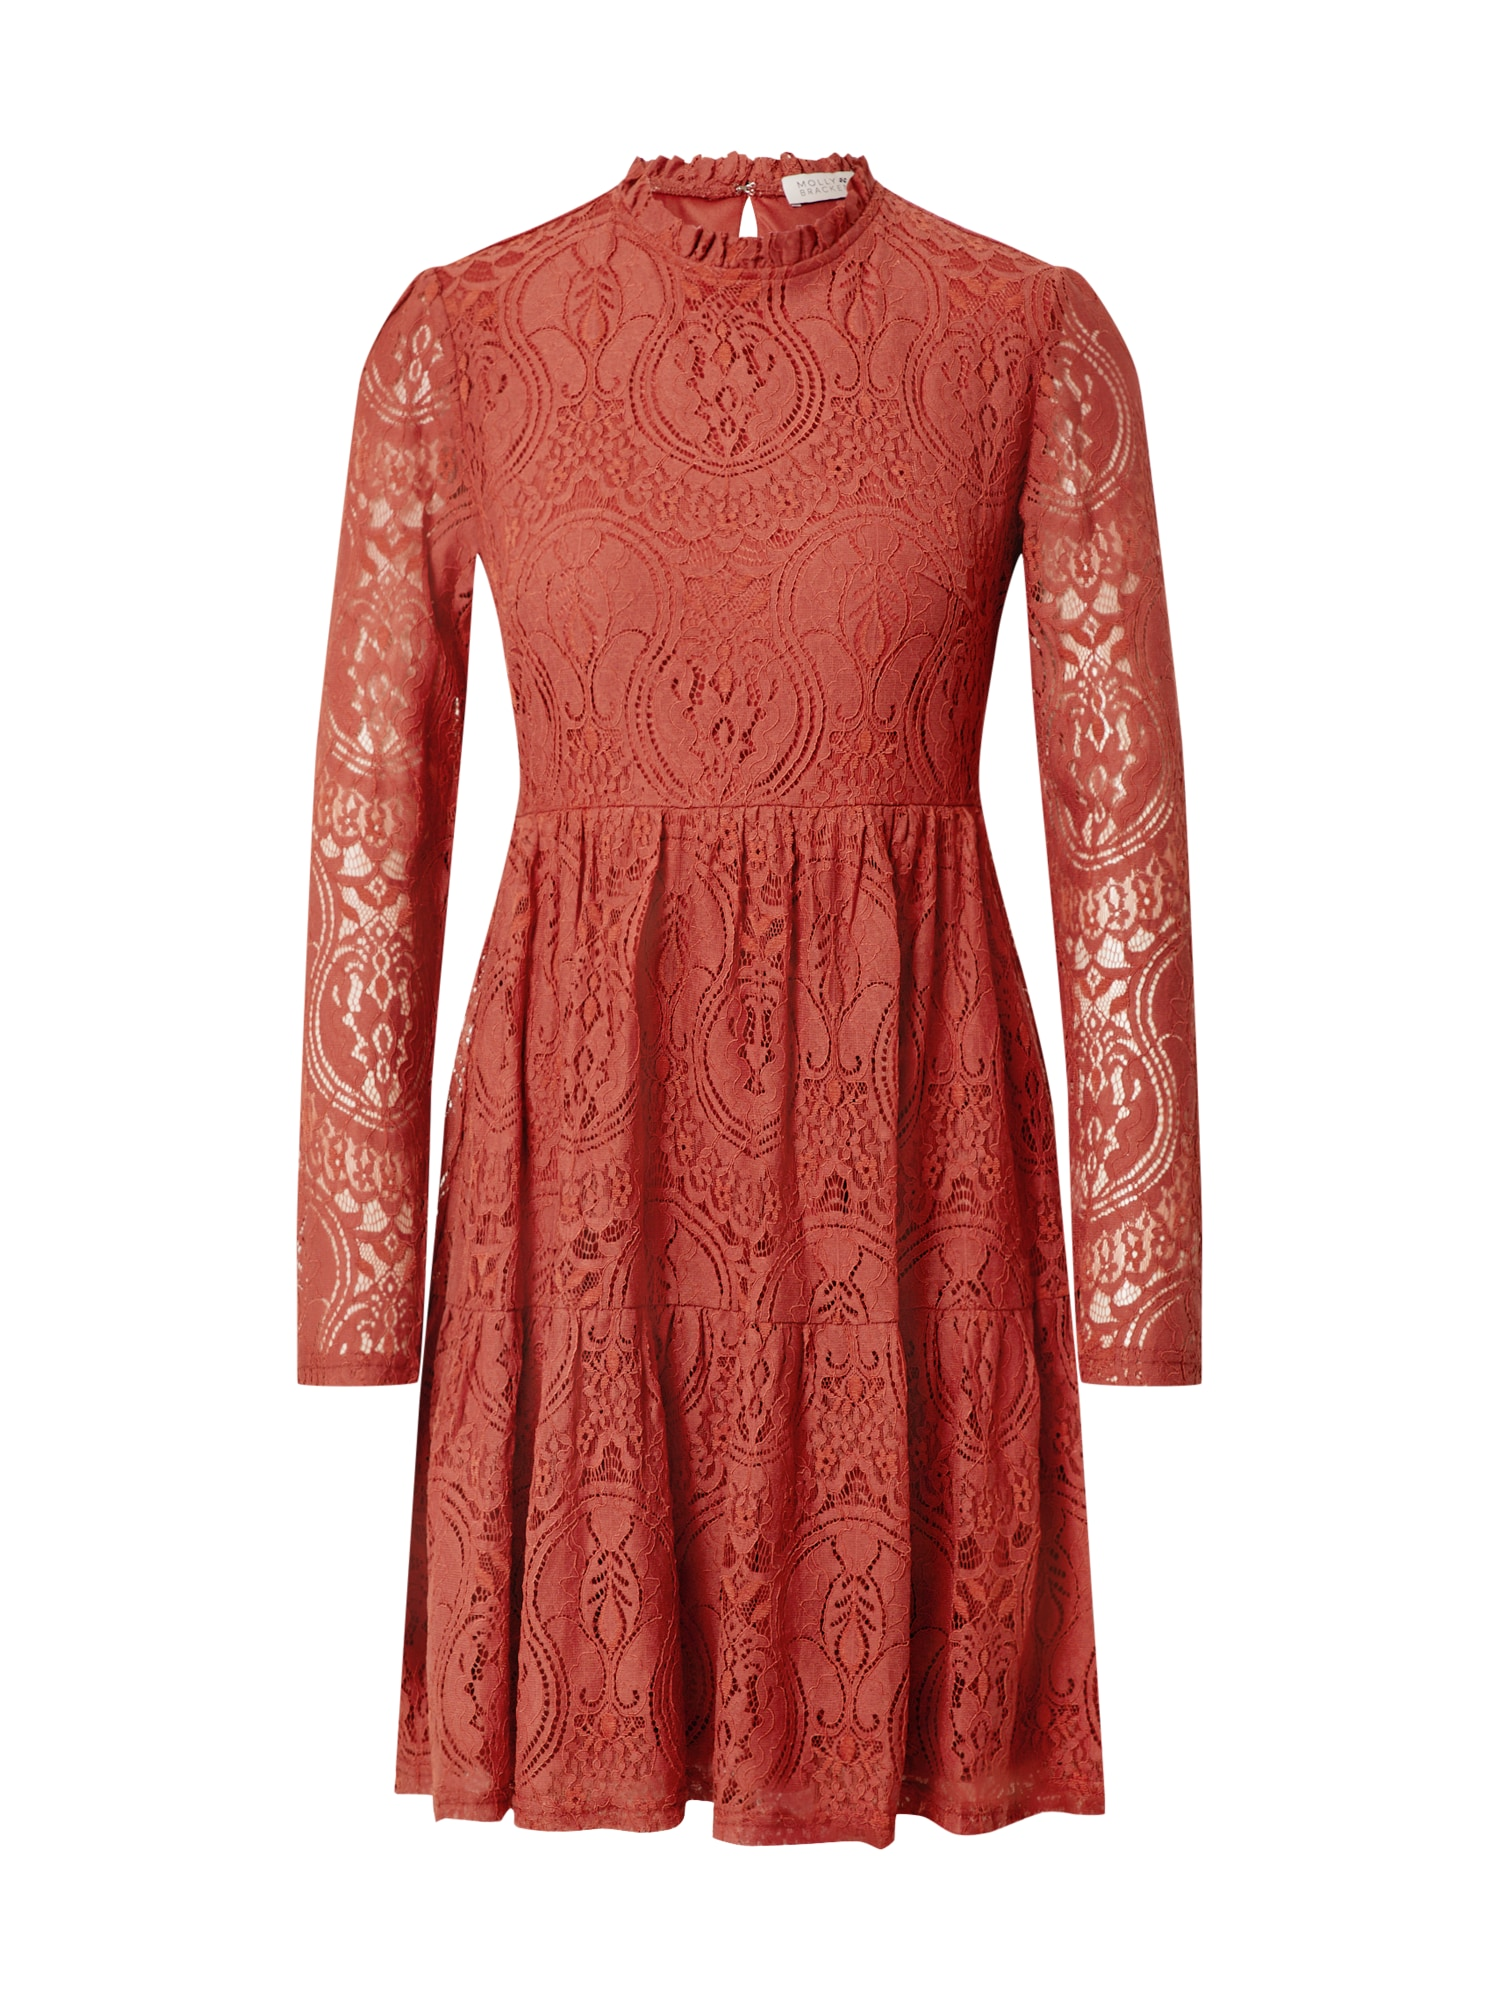 Molly BRACKEN Kokteilinė suknelė rūdžių raudona